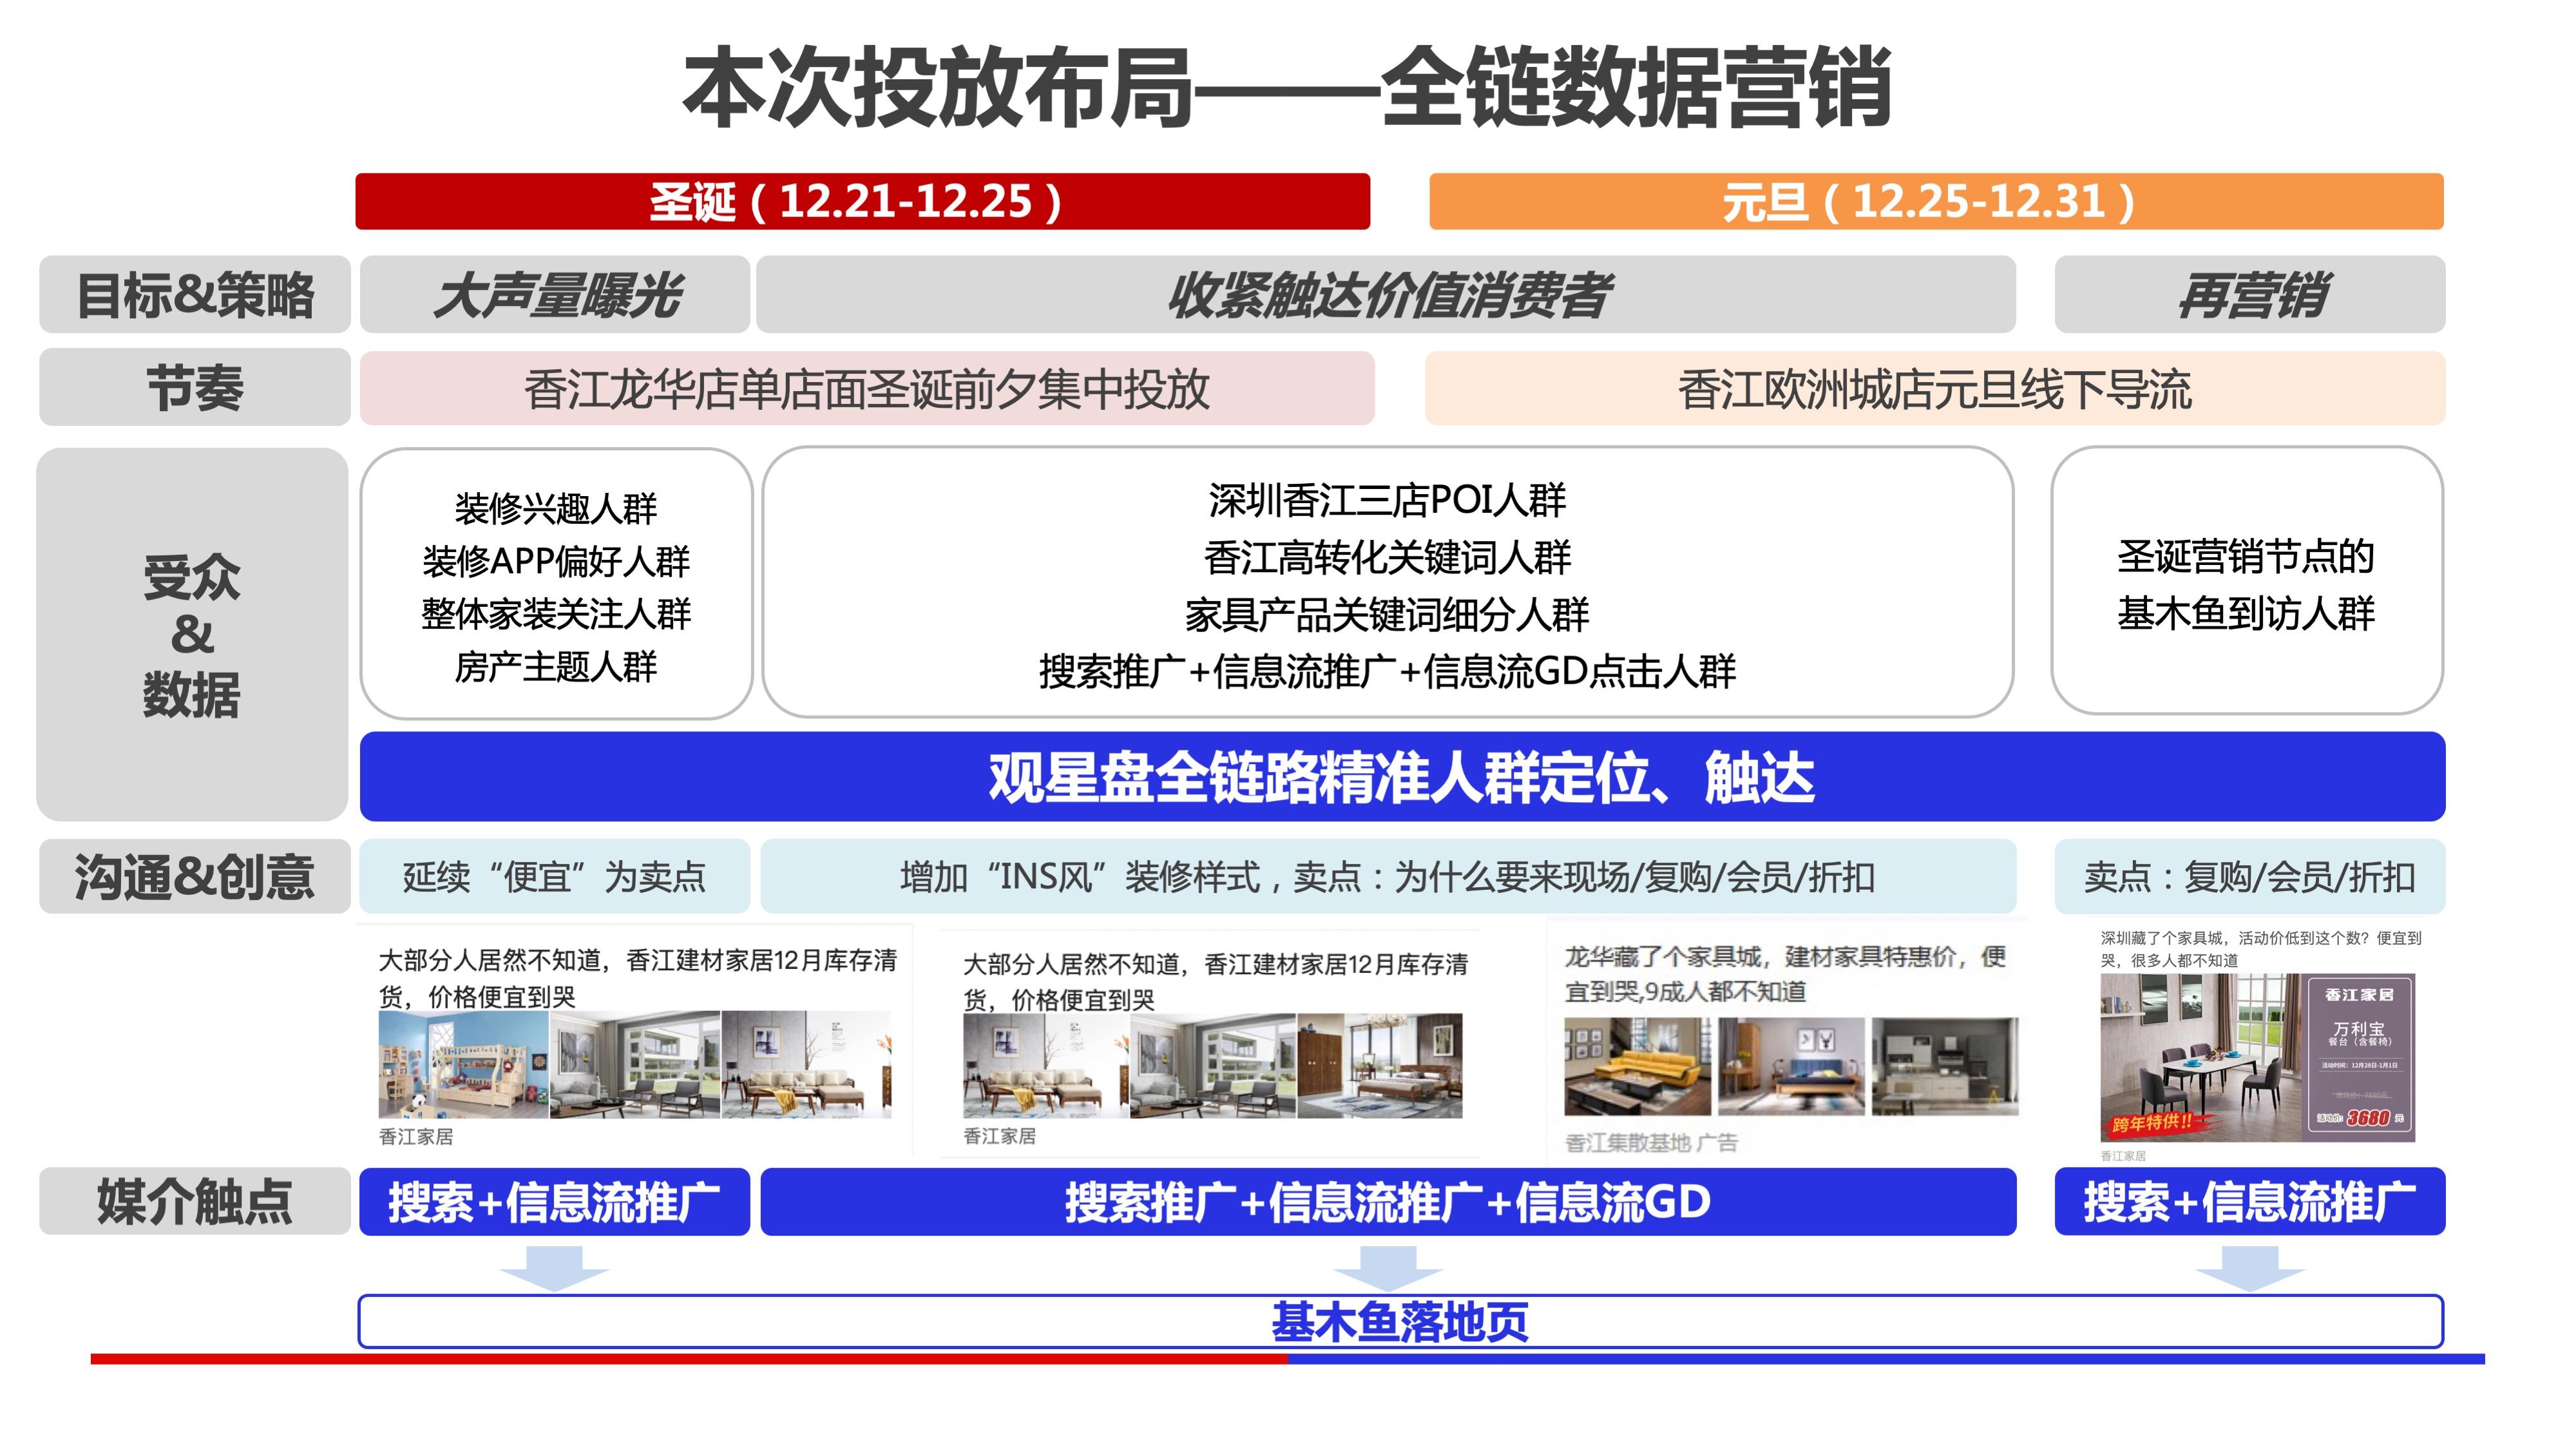 香江家居全链ai营销方案-V4-上线图片.jpg